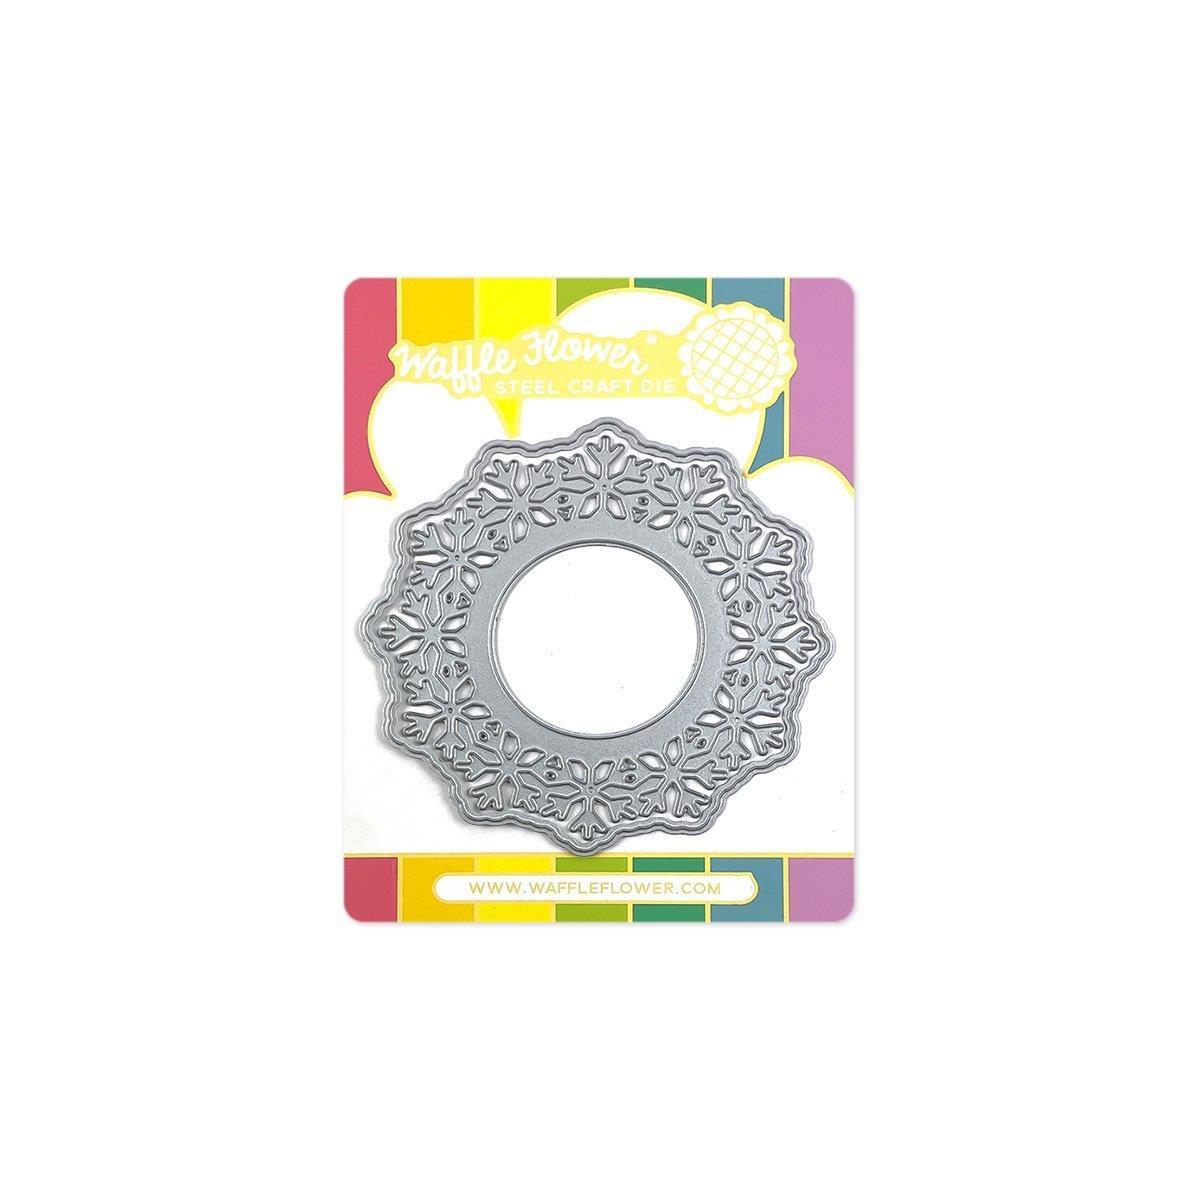 Circle Snowflake Shaker, Waffle Flower Dies -